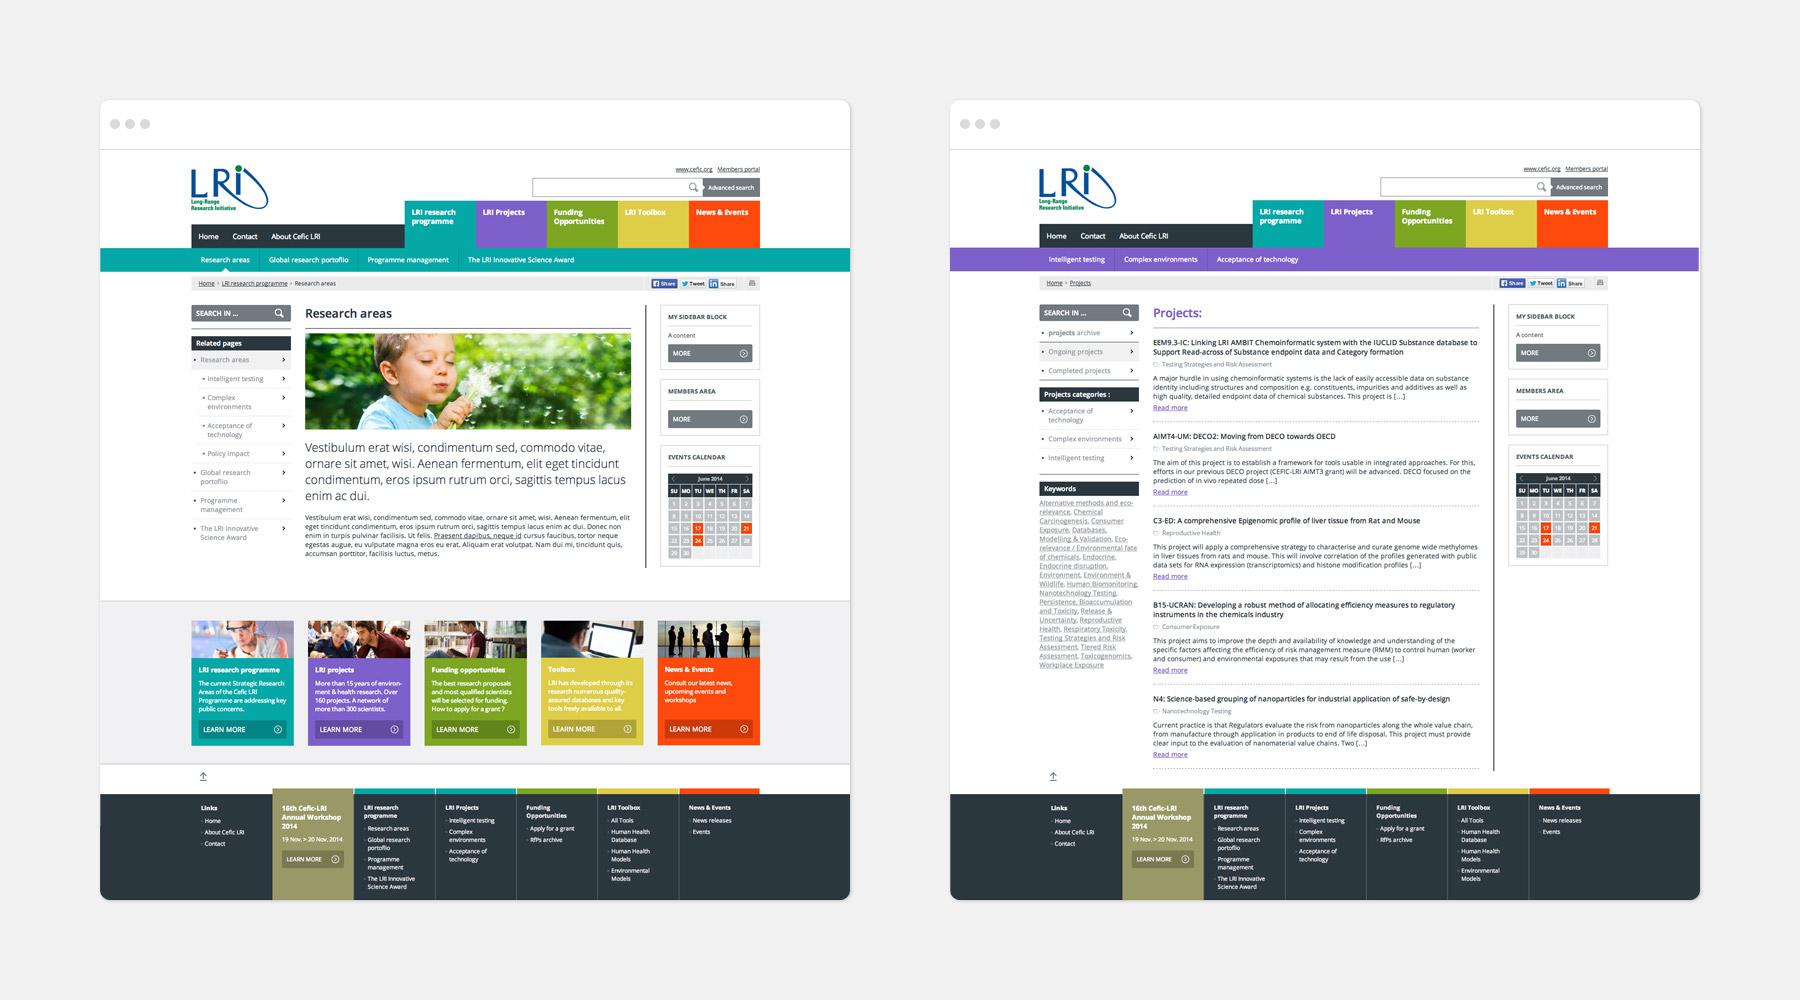 Case Study: Cefic-LRI - 02